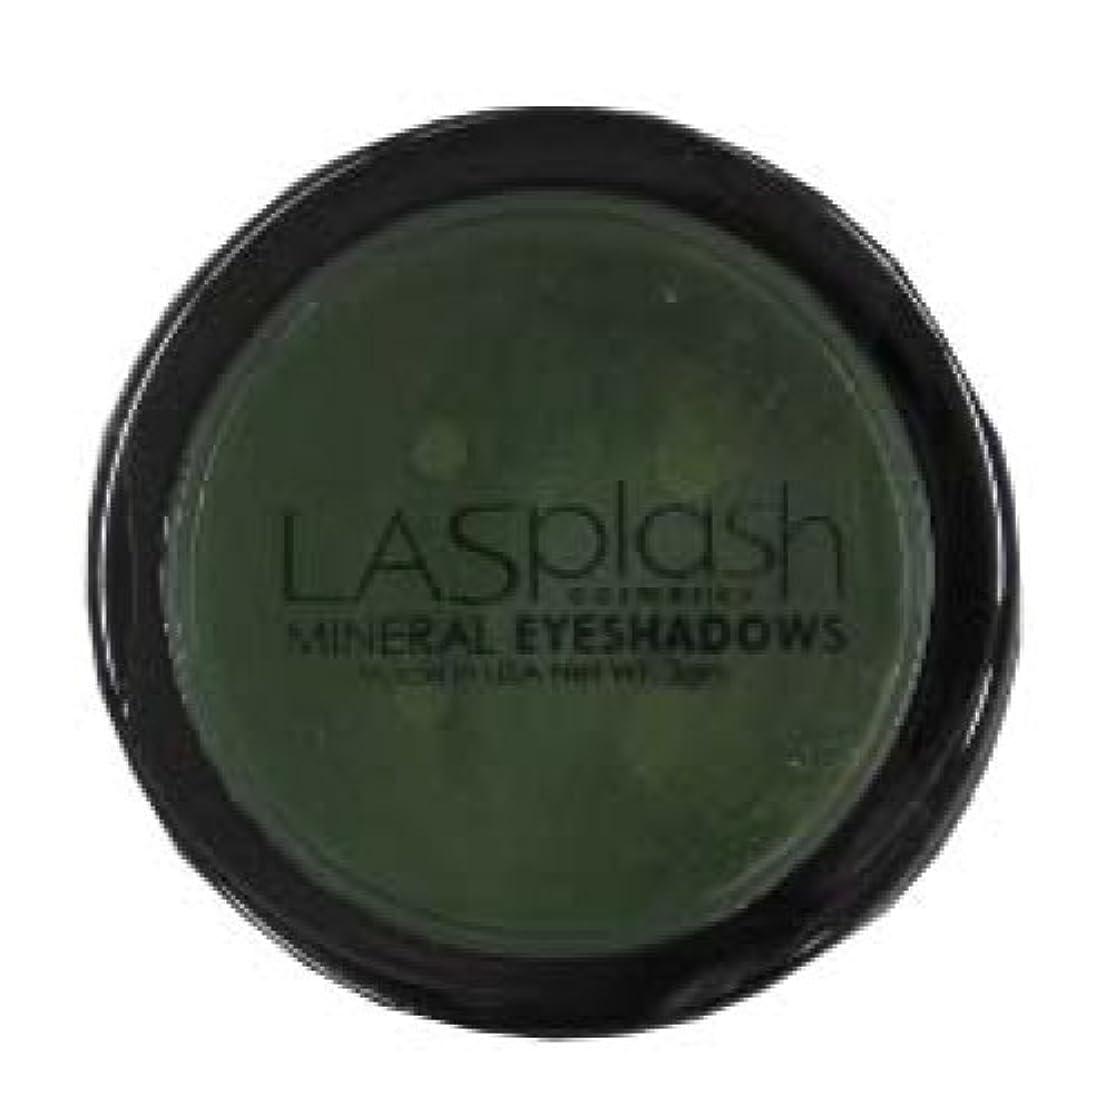 不毛チャネルバランスLASplash ミネラルアイスパークルアイシャドウグリーン257